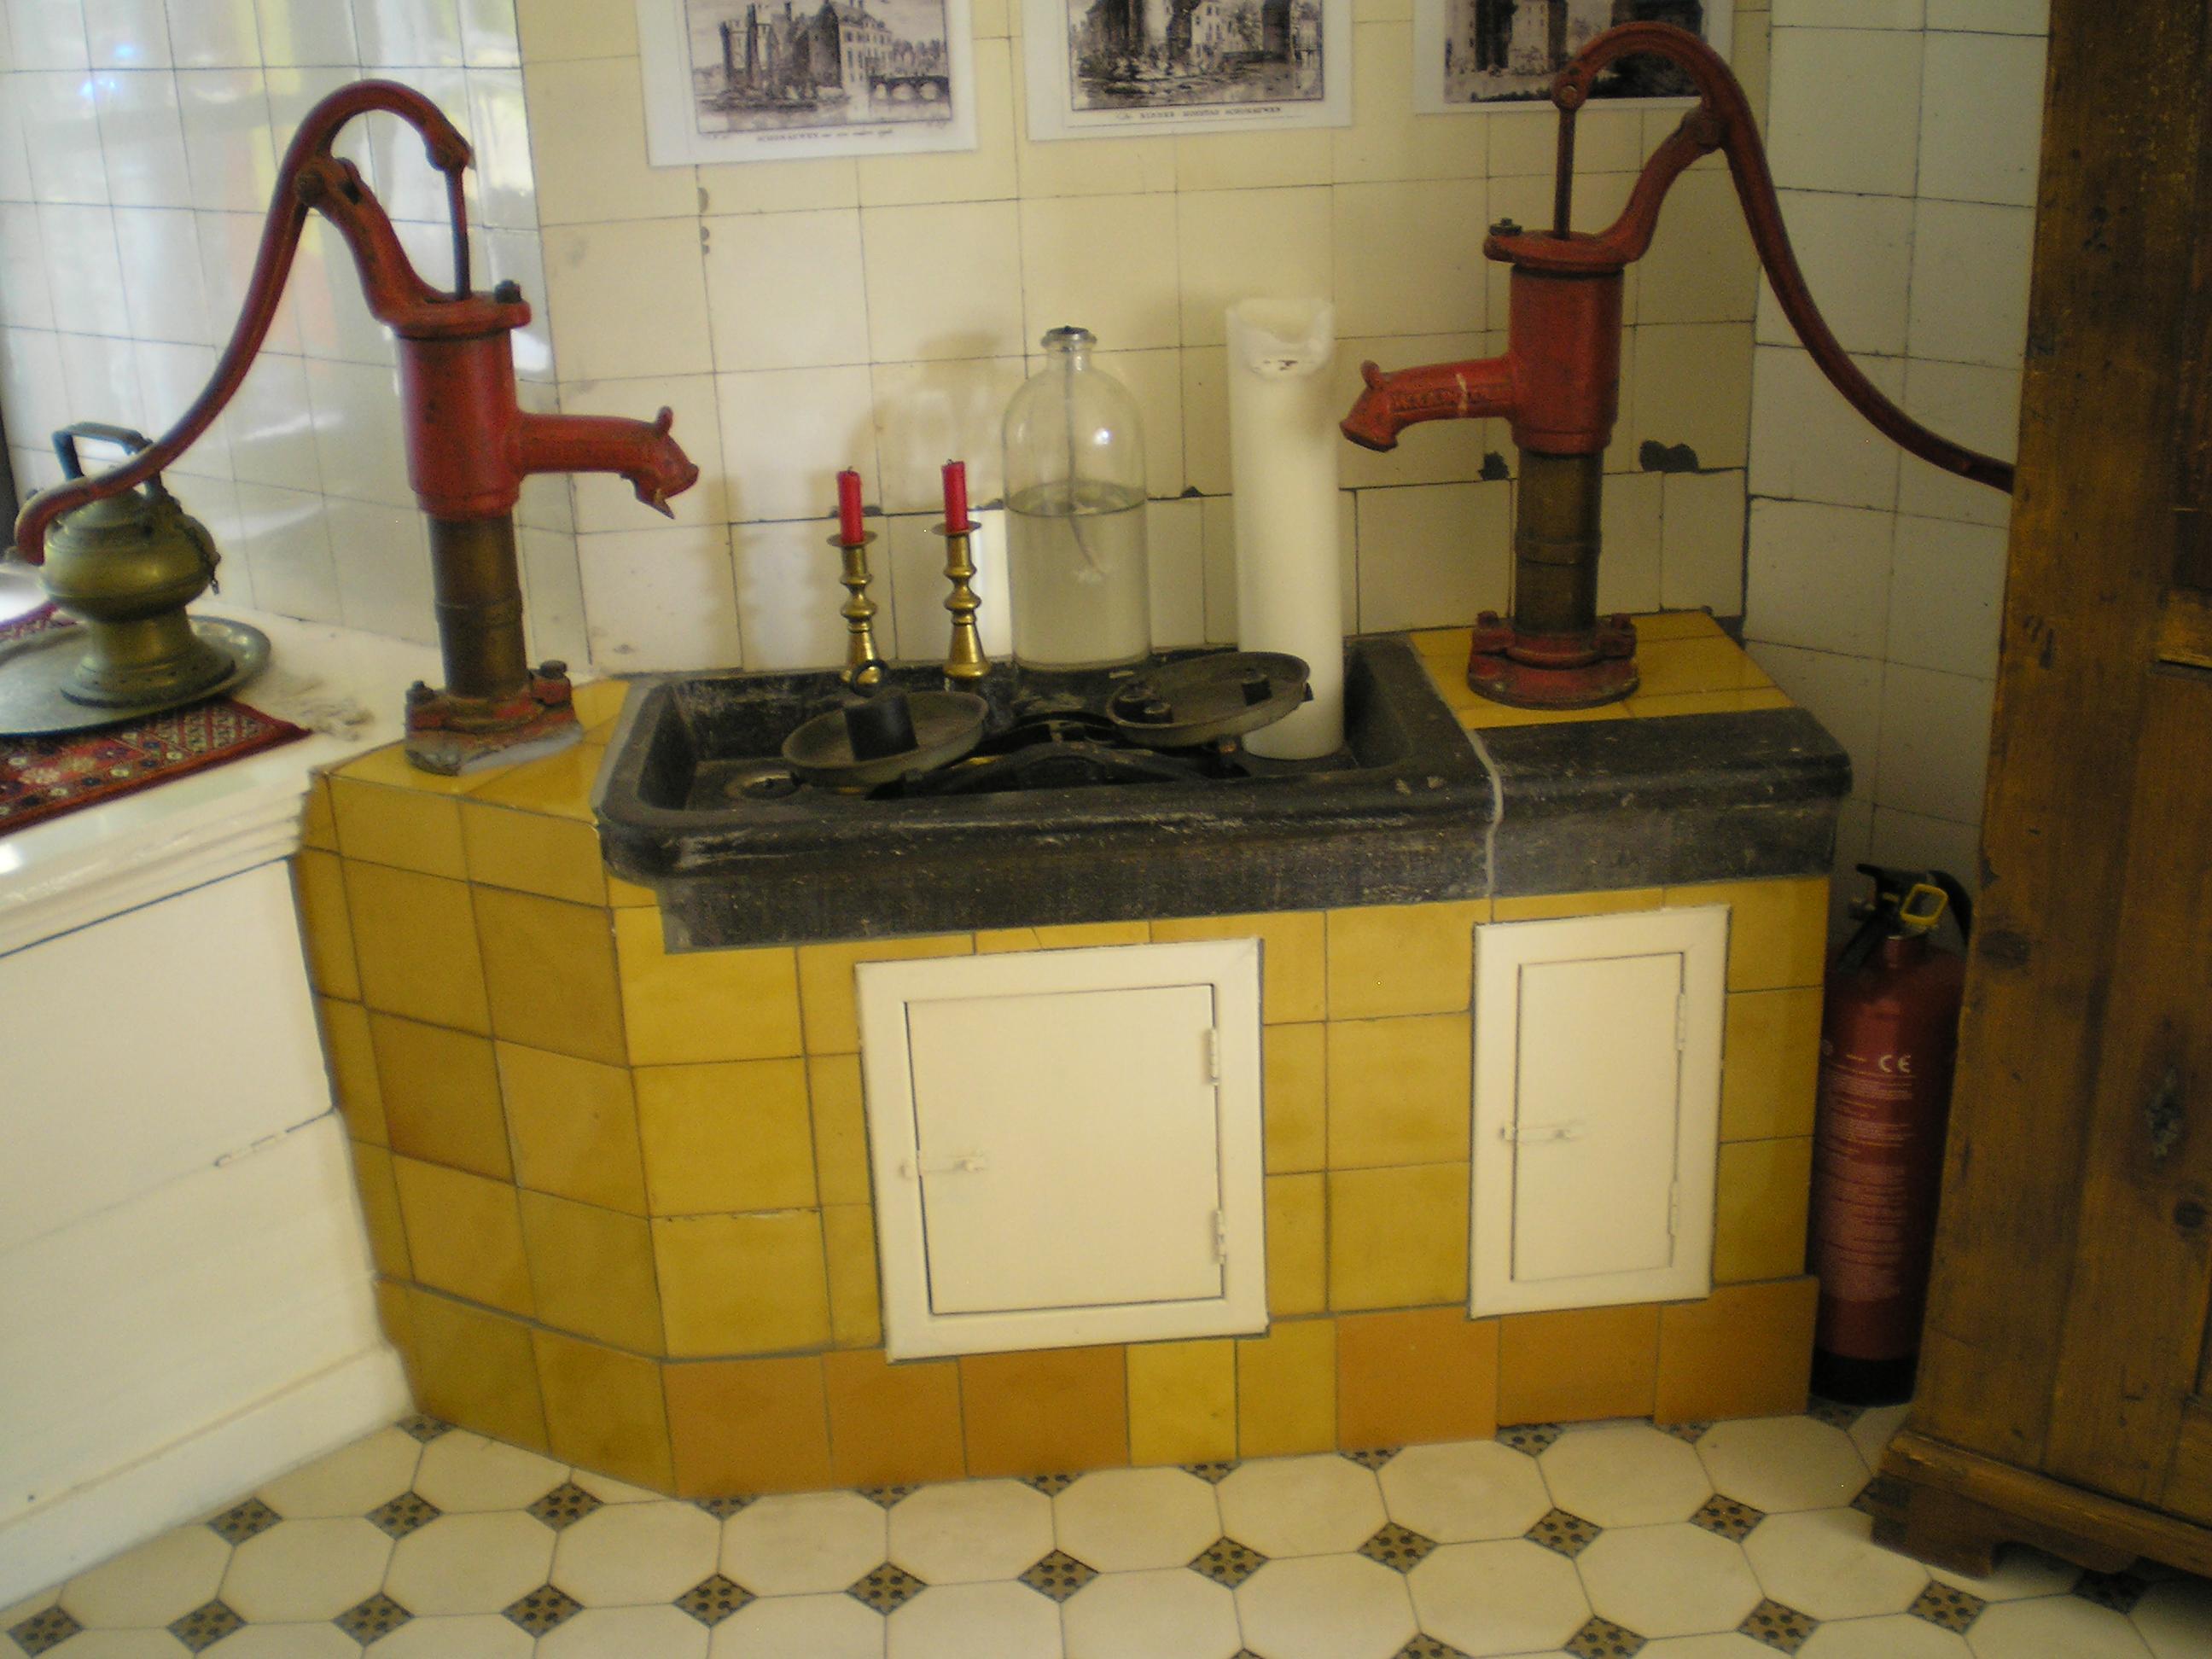 Keuken Hout Kind : File:Kasteel-Schonauwen Keuken Houten Nederland.JPG – Wikimedia